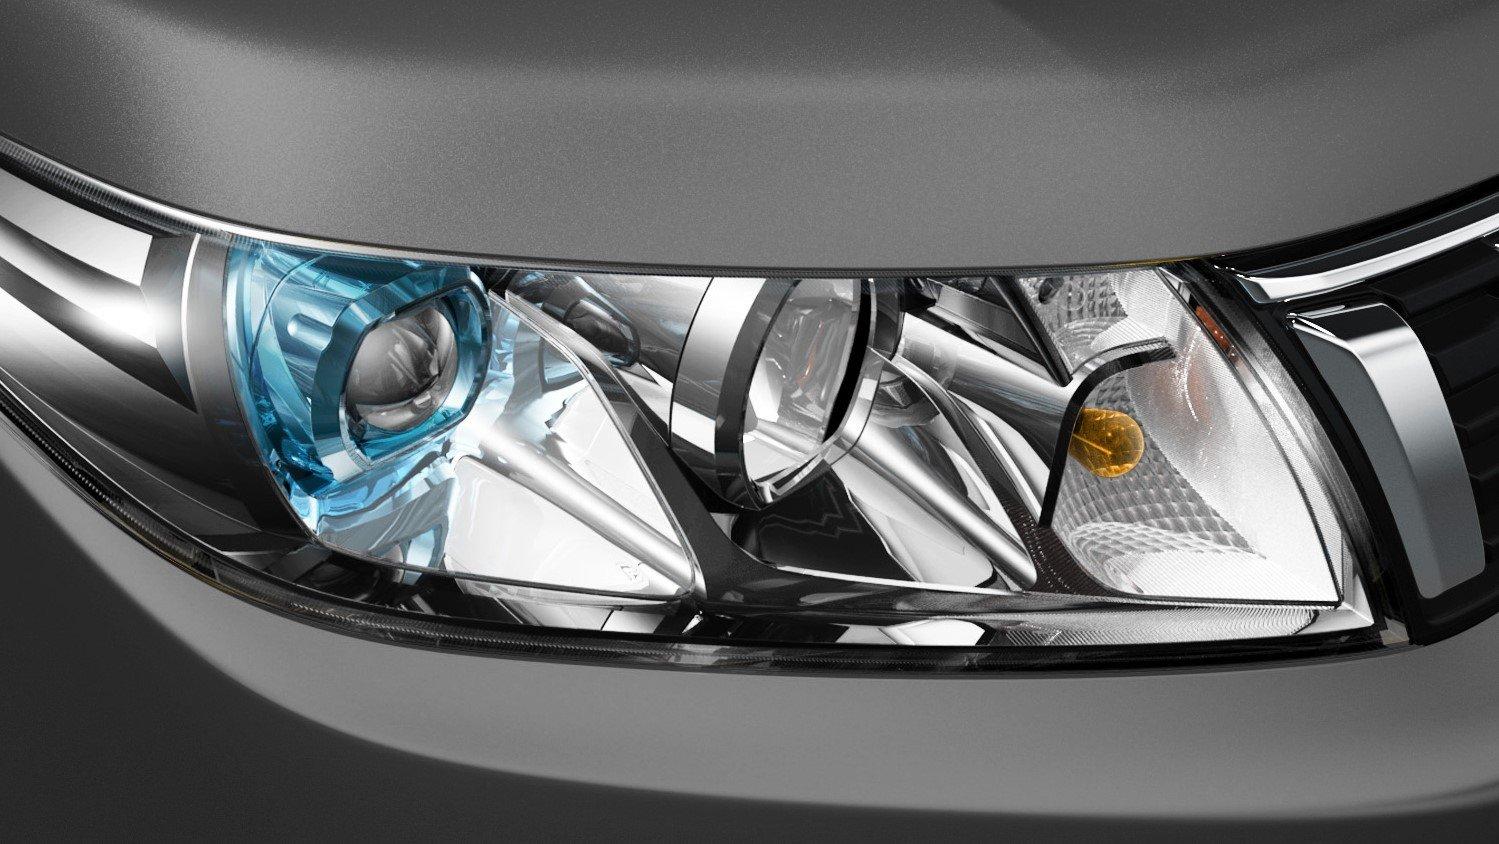 La Suzuki Vitara precio mexico se ofrece con 2 motorizaciones diferentes